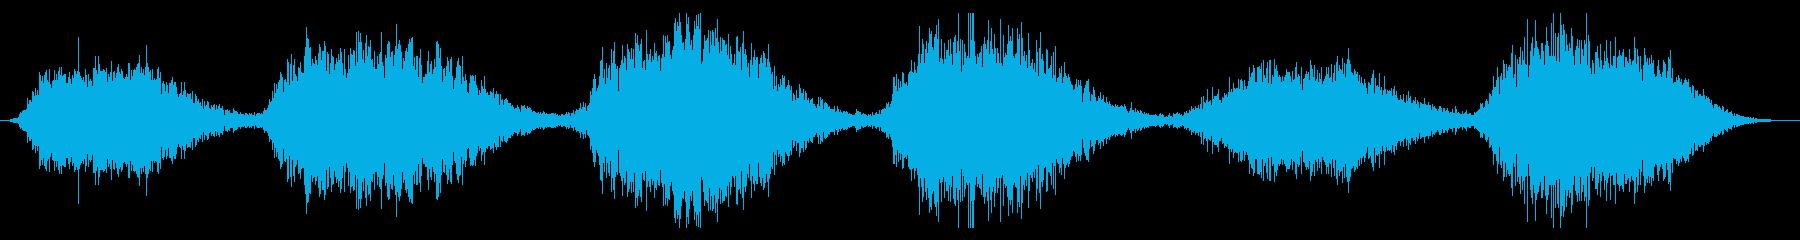 スペースドローン:スローメタリック...の再生済みの波形